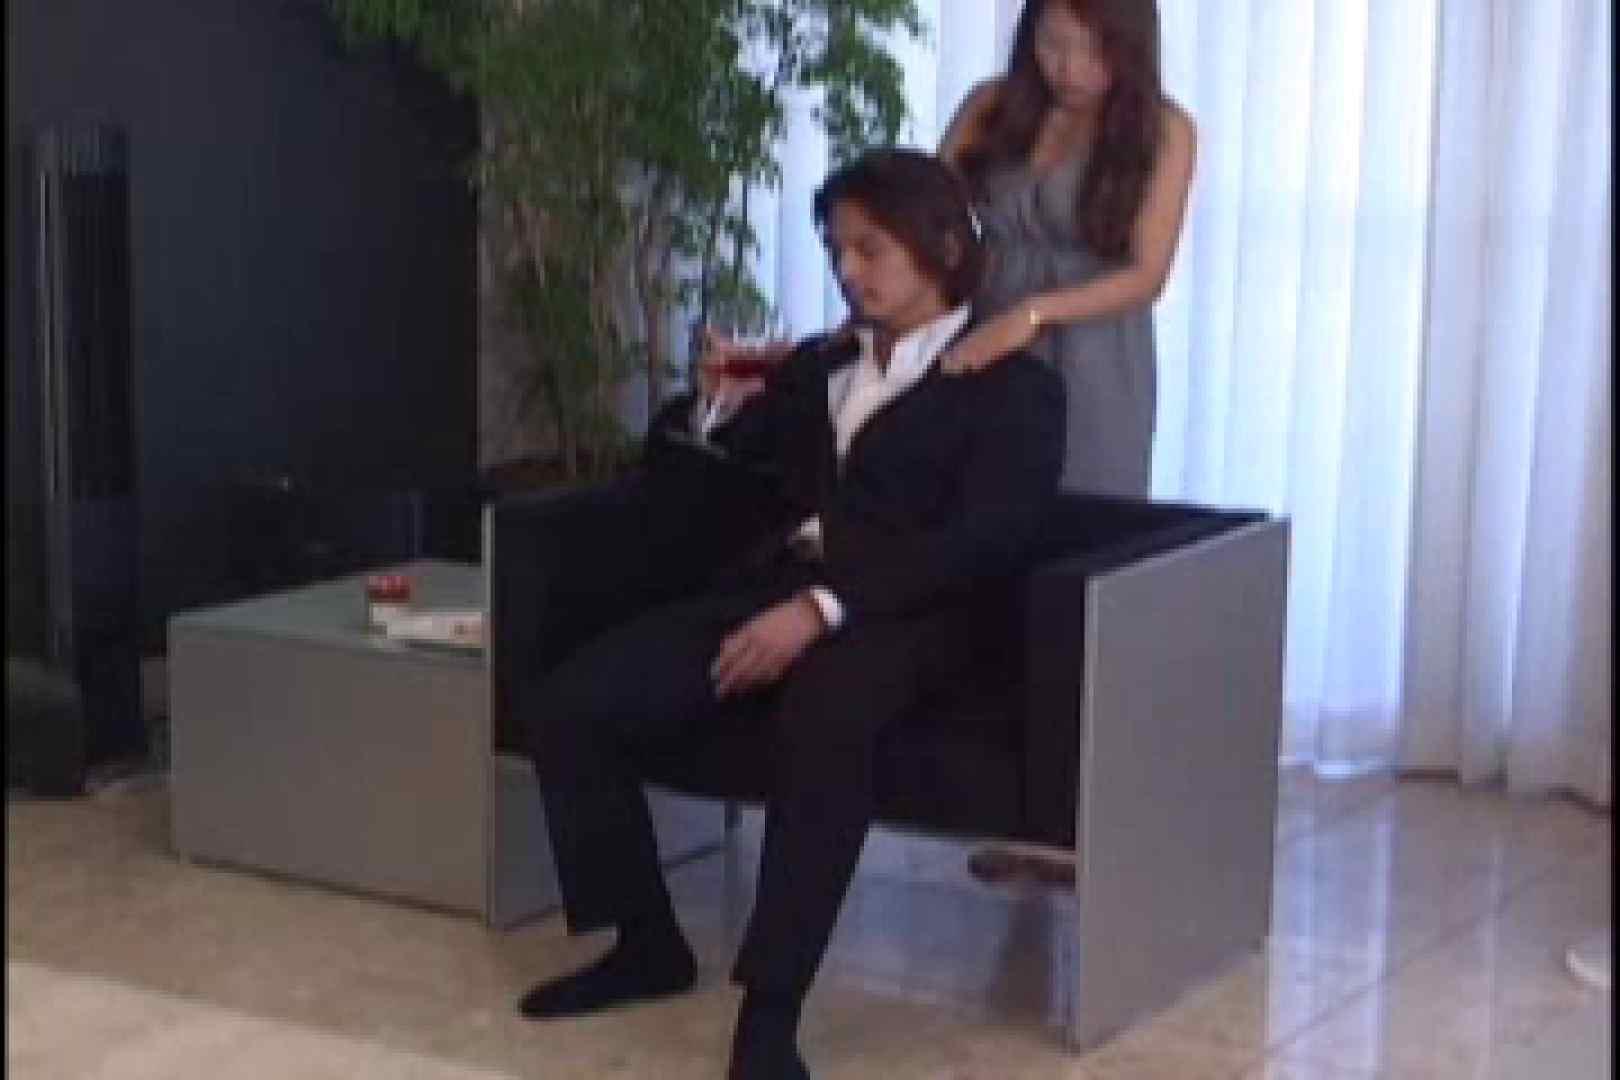 BEST OF イケメン!!男目線のガチSEX vol.06(対女性作品) 対女性 ゲイヌード画像 64枚 1